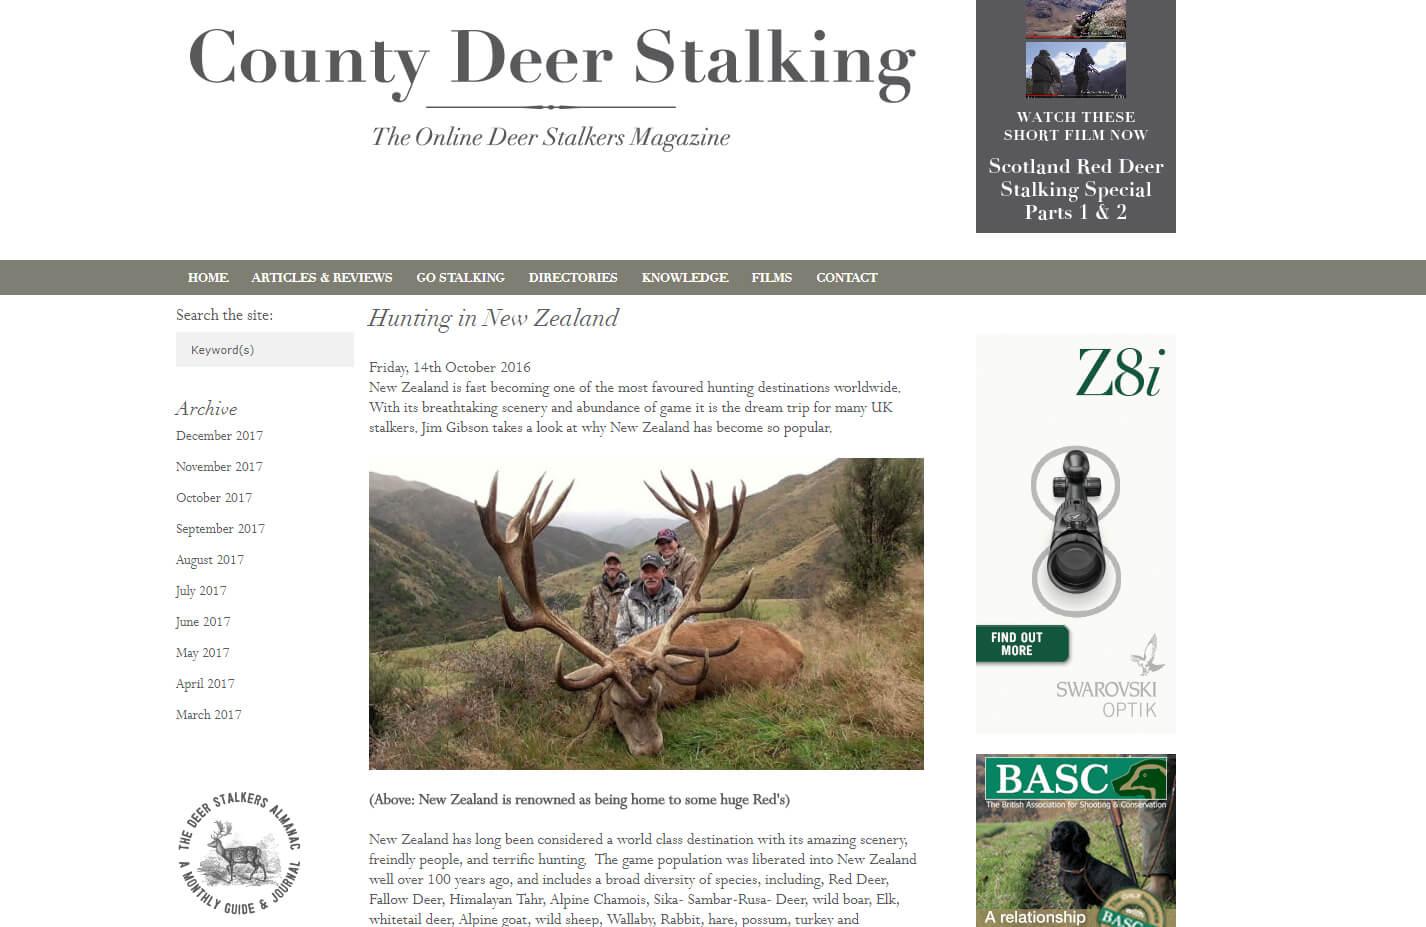 county deer stalker magazine image